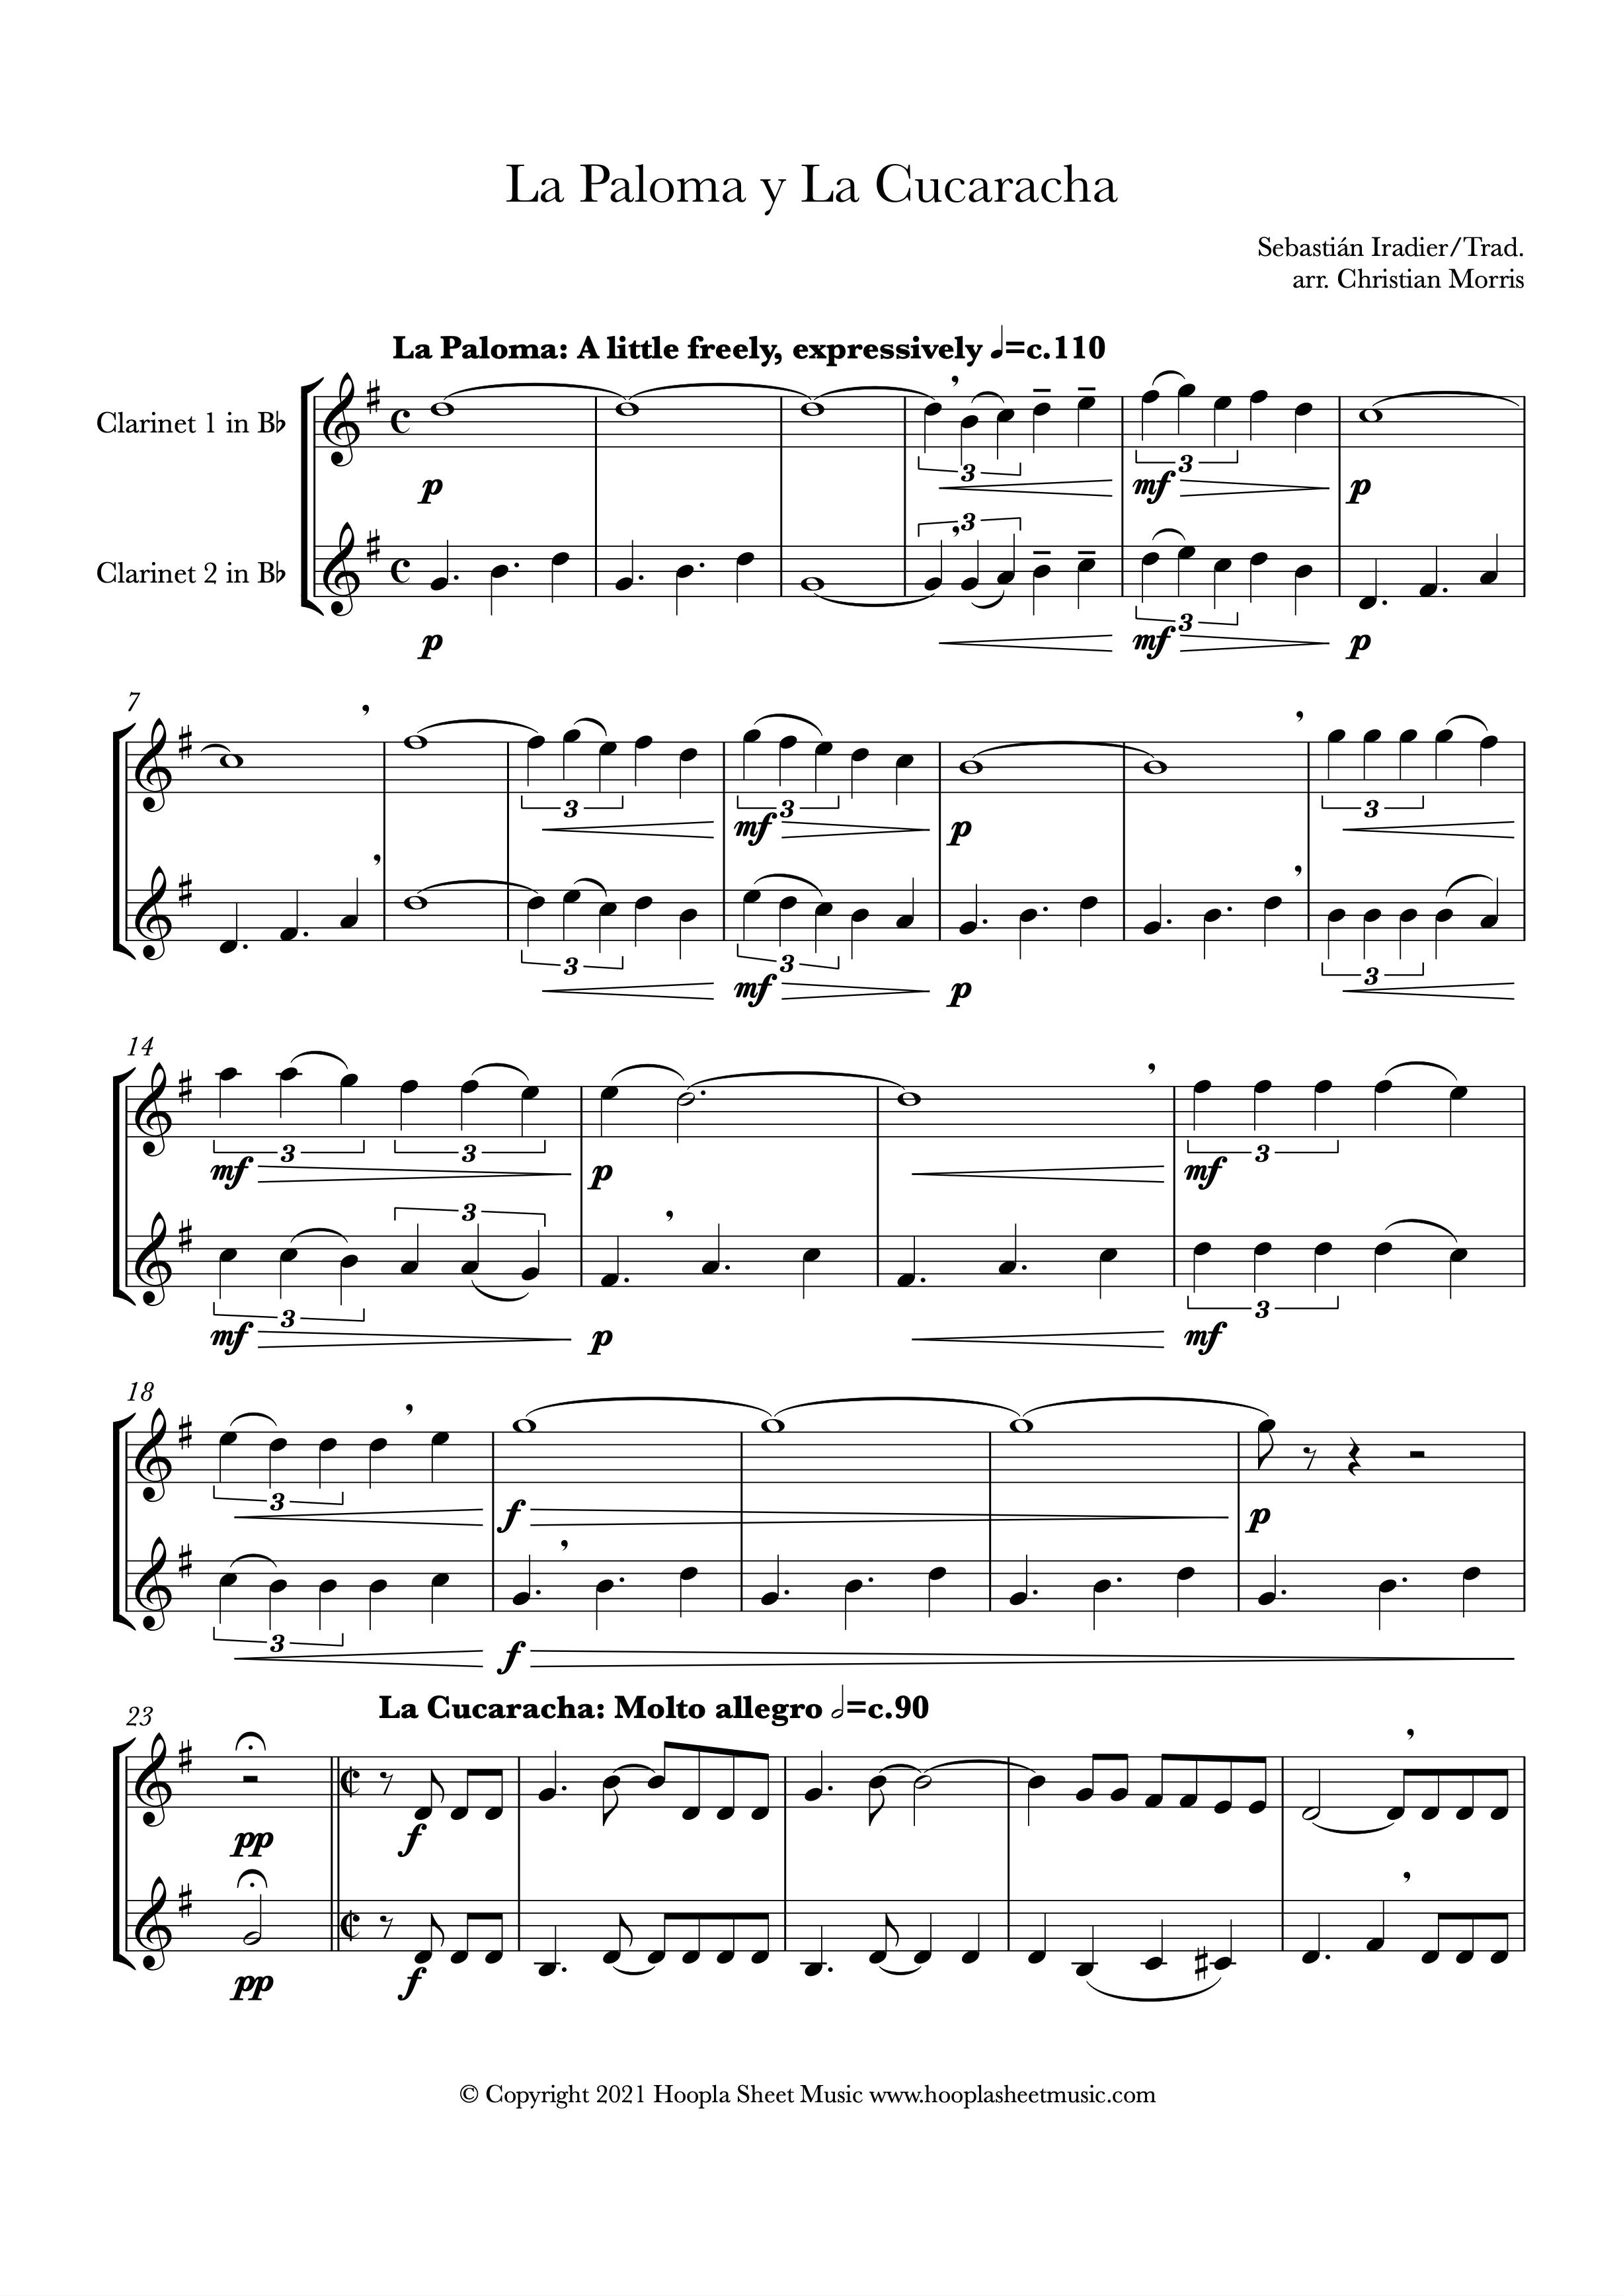 La Paloma y La Cucaracha (Clarinet Duet)